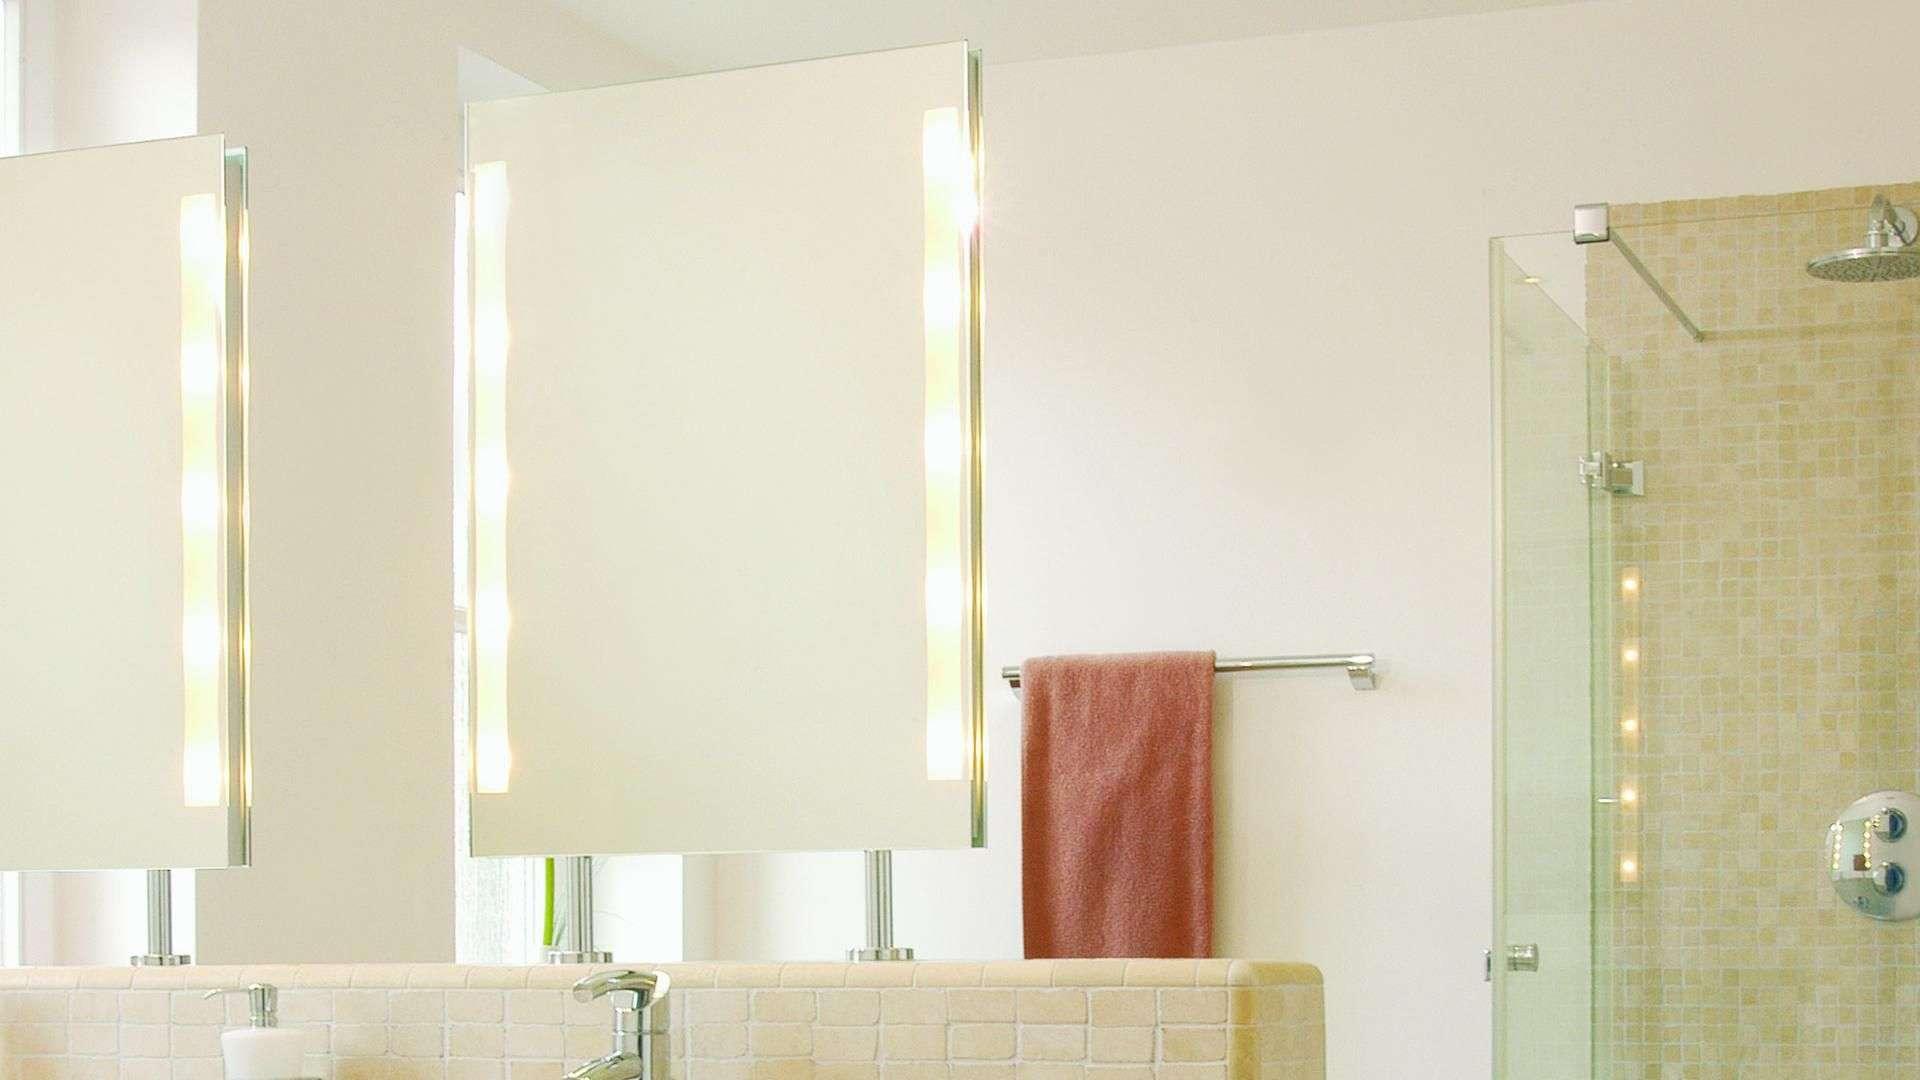 Spiegel mit integrierter Beleuchtung in einem Badezimmer